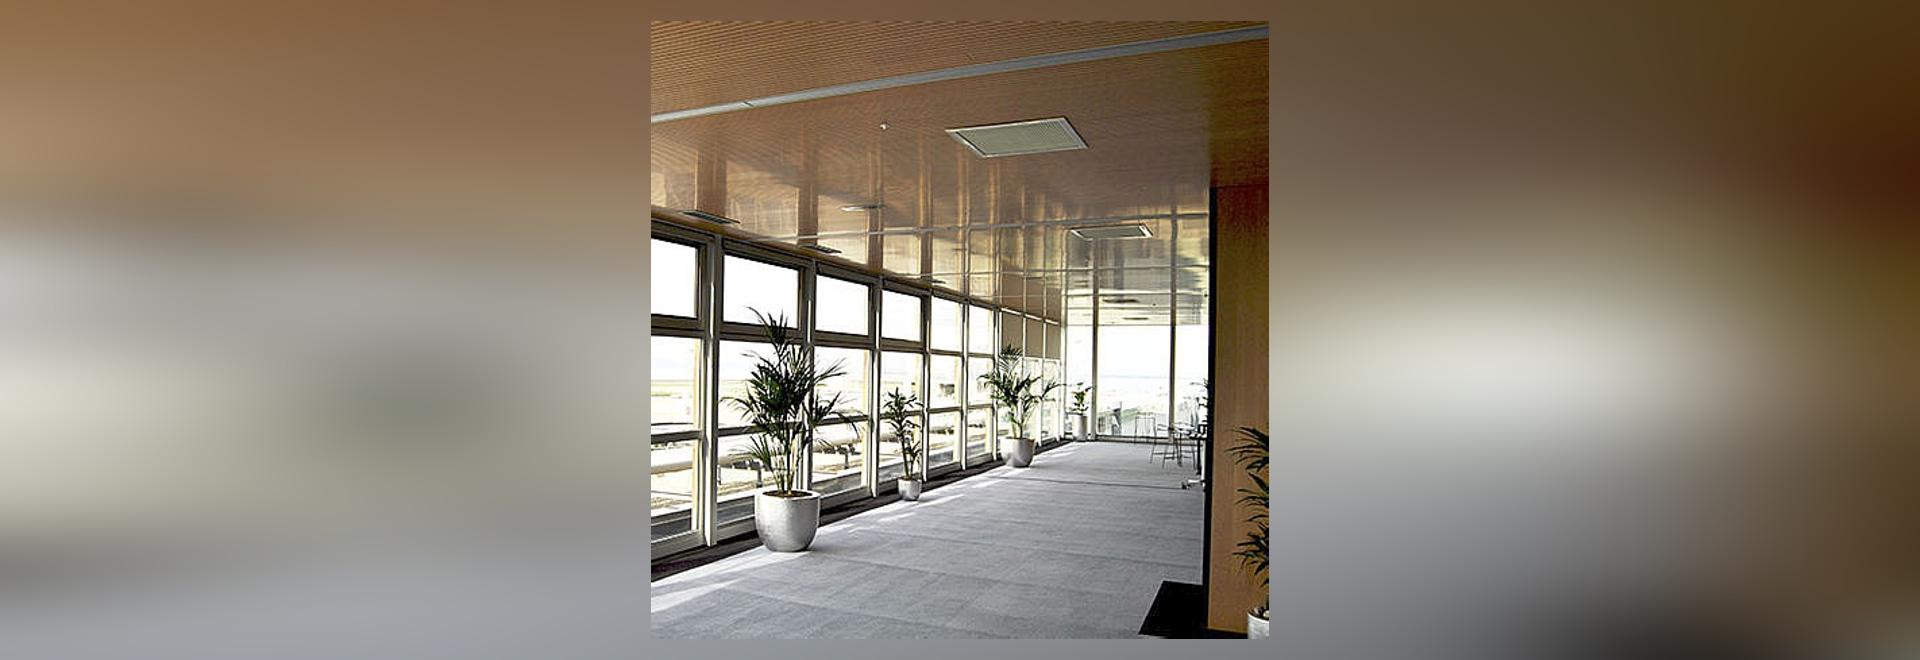 Sala conferencias aeropuerto de Marsella, Francia